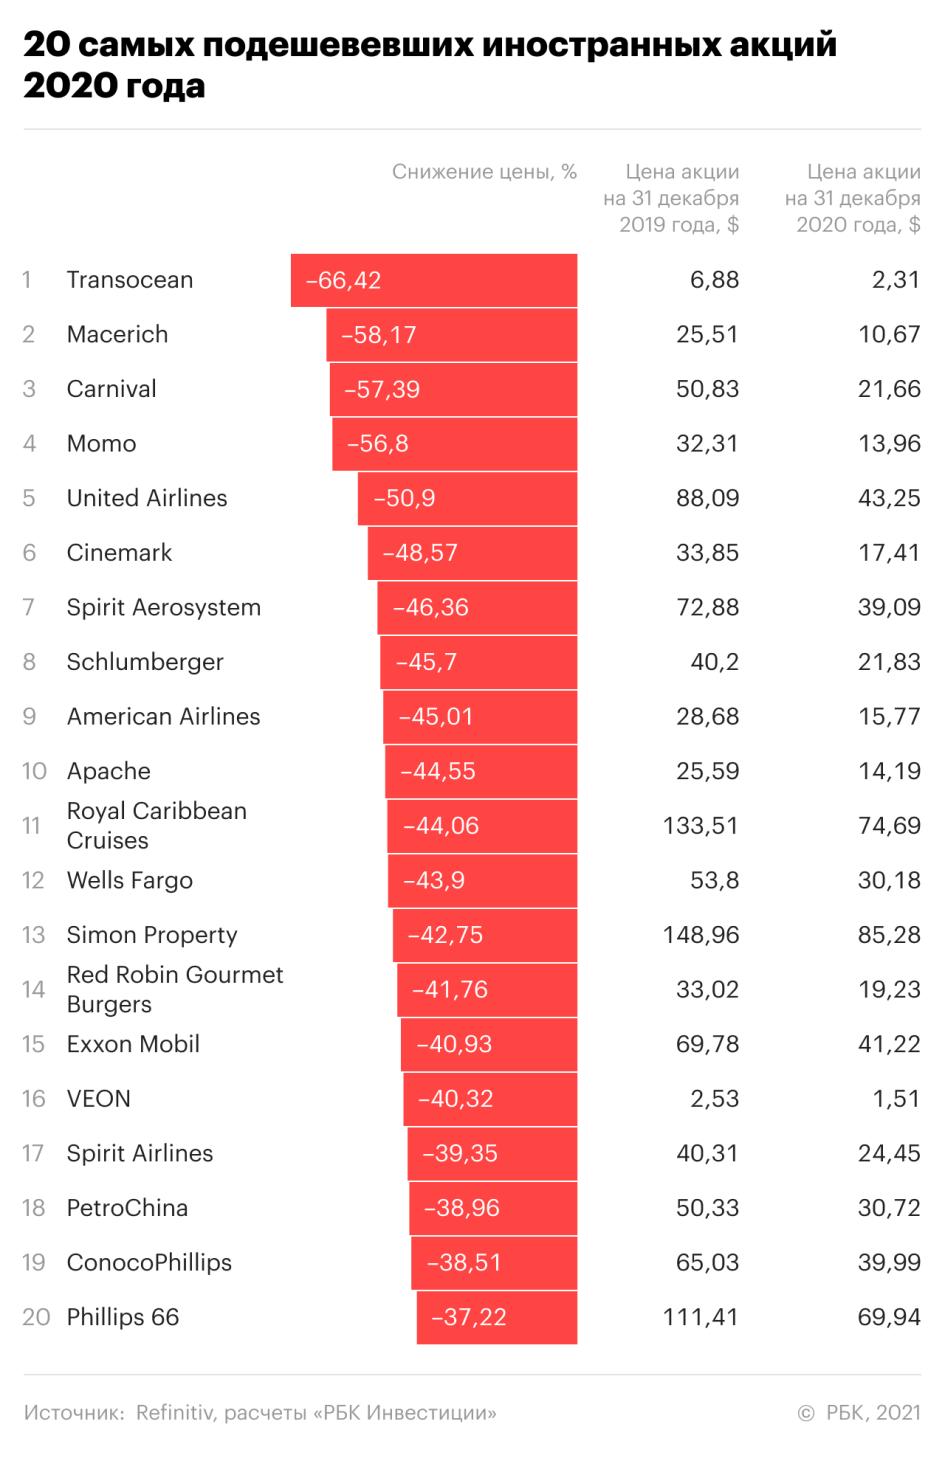 20 самых подешевевших иностранных акций 2020 года